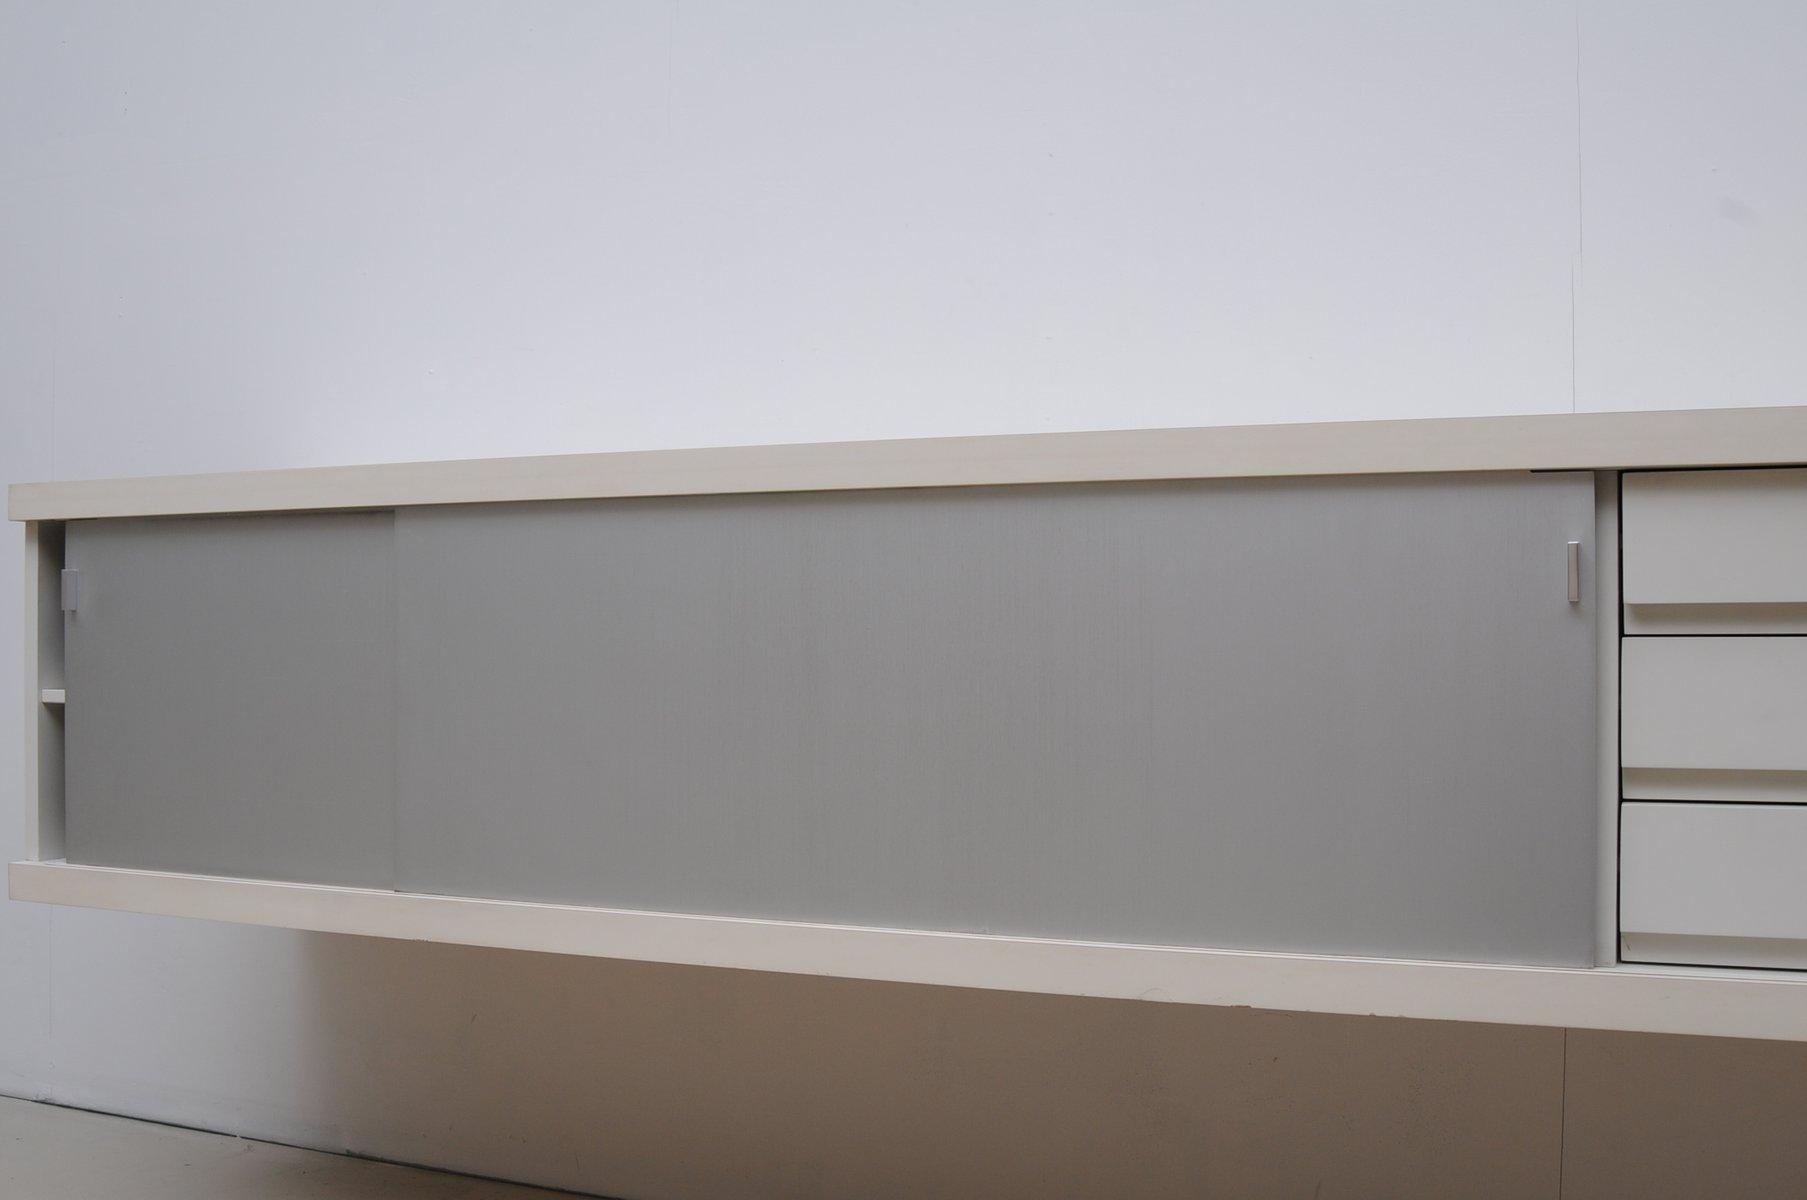 schwebendes mid century sideboard von horst br ning f r. Black Bedroom Furniture Sets. Home Design Ideas